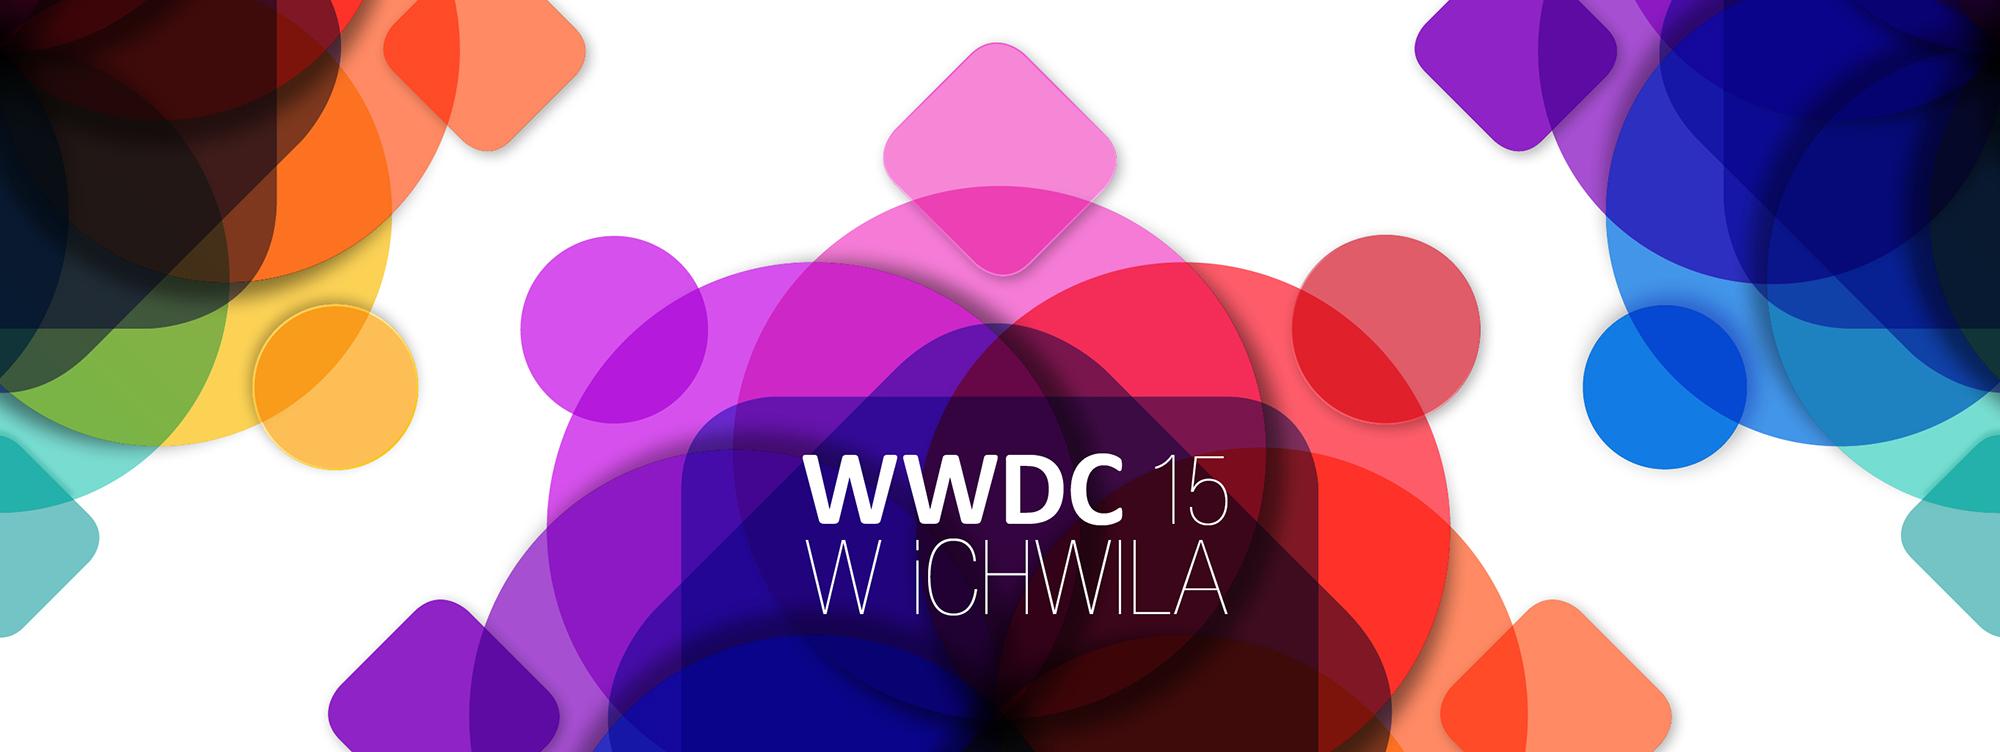 WWDC15_tło_wydarzenie_2000